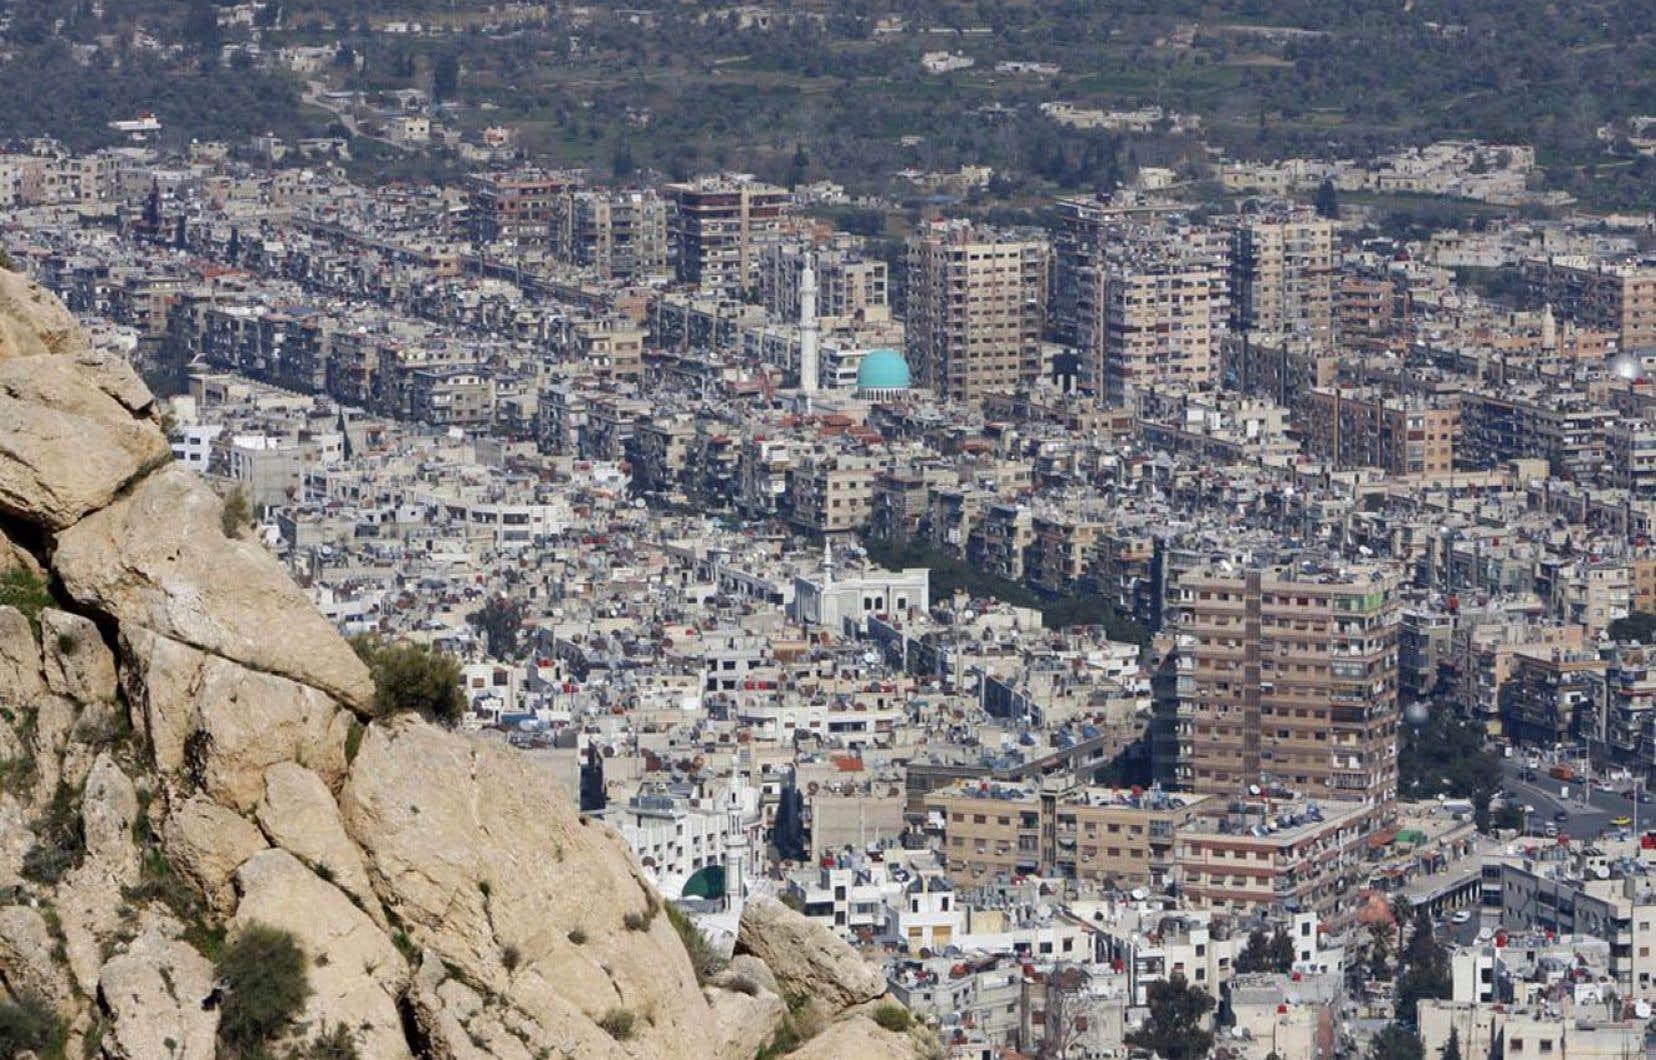 « La communauté américaine du renseignement conclut, avec différents degrés de certitude, que le régime syrien a utilisé des armes chimiques à petite échelle en Syrie, en particulier du sarin », a affirmé le secrétaire à la Défense, Chuck Hagel.